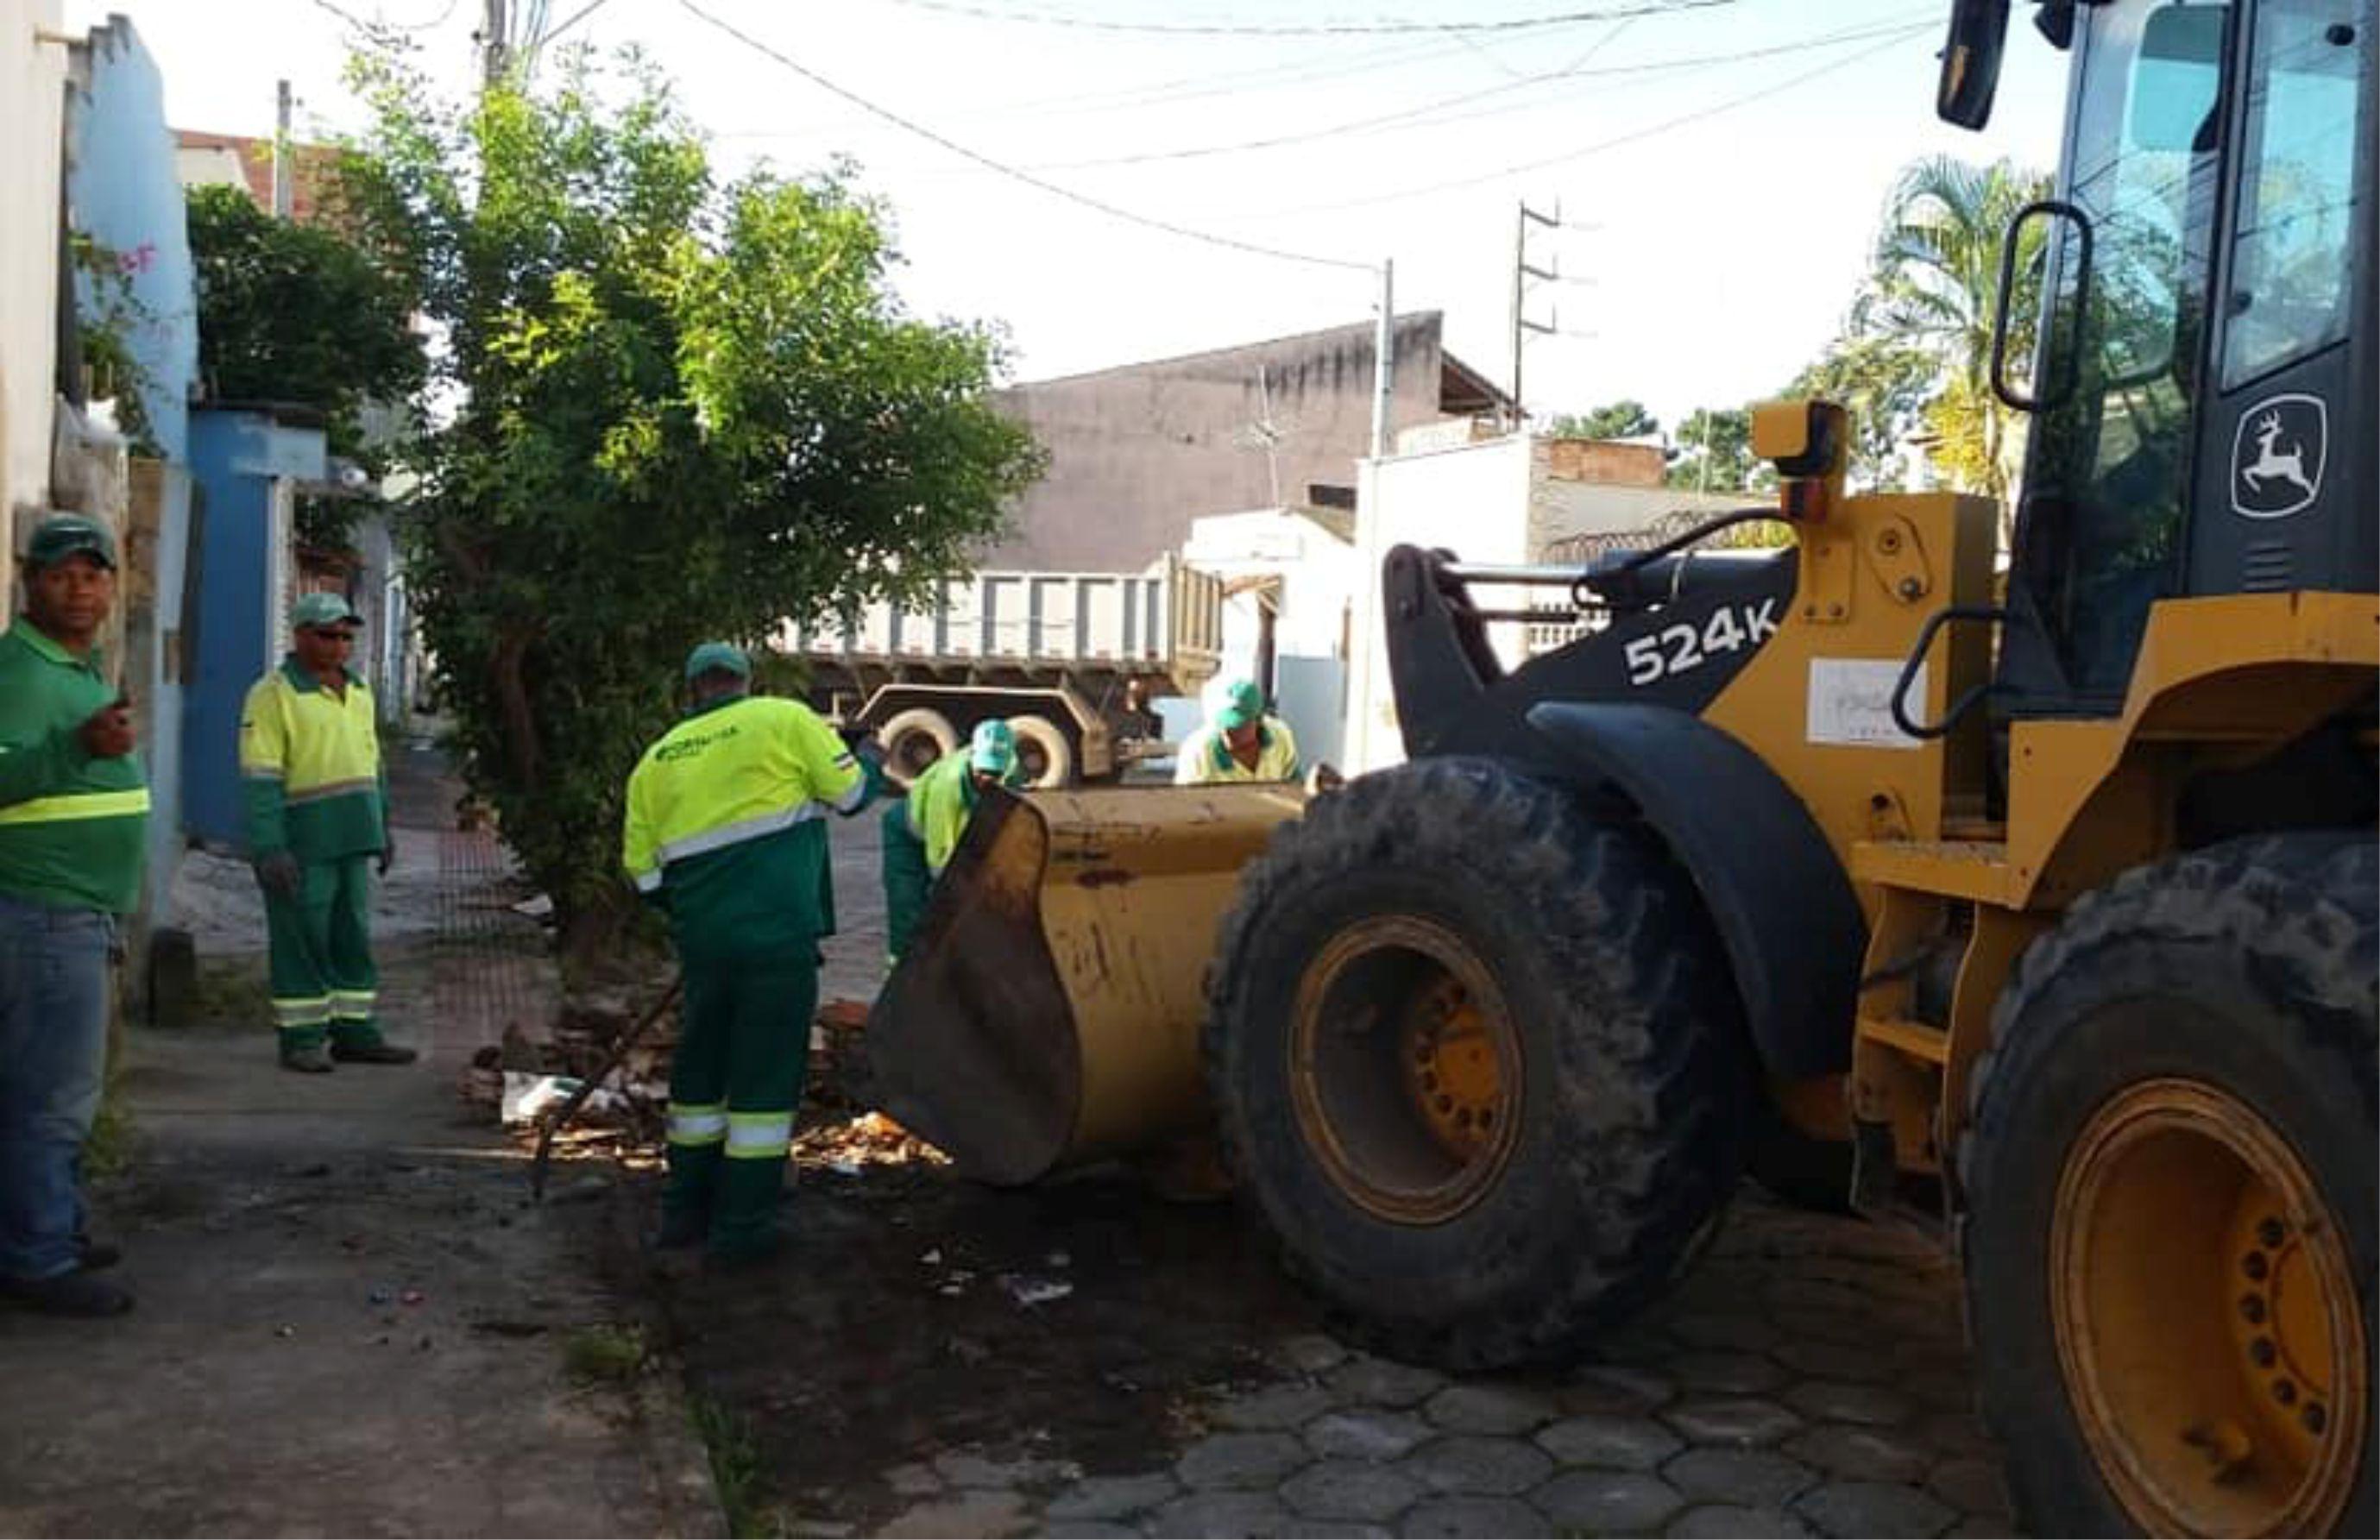 PMSM Realiza Ações De Limpeza E Manutenção No Município